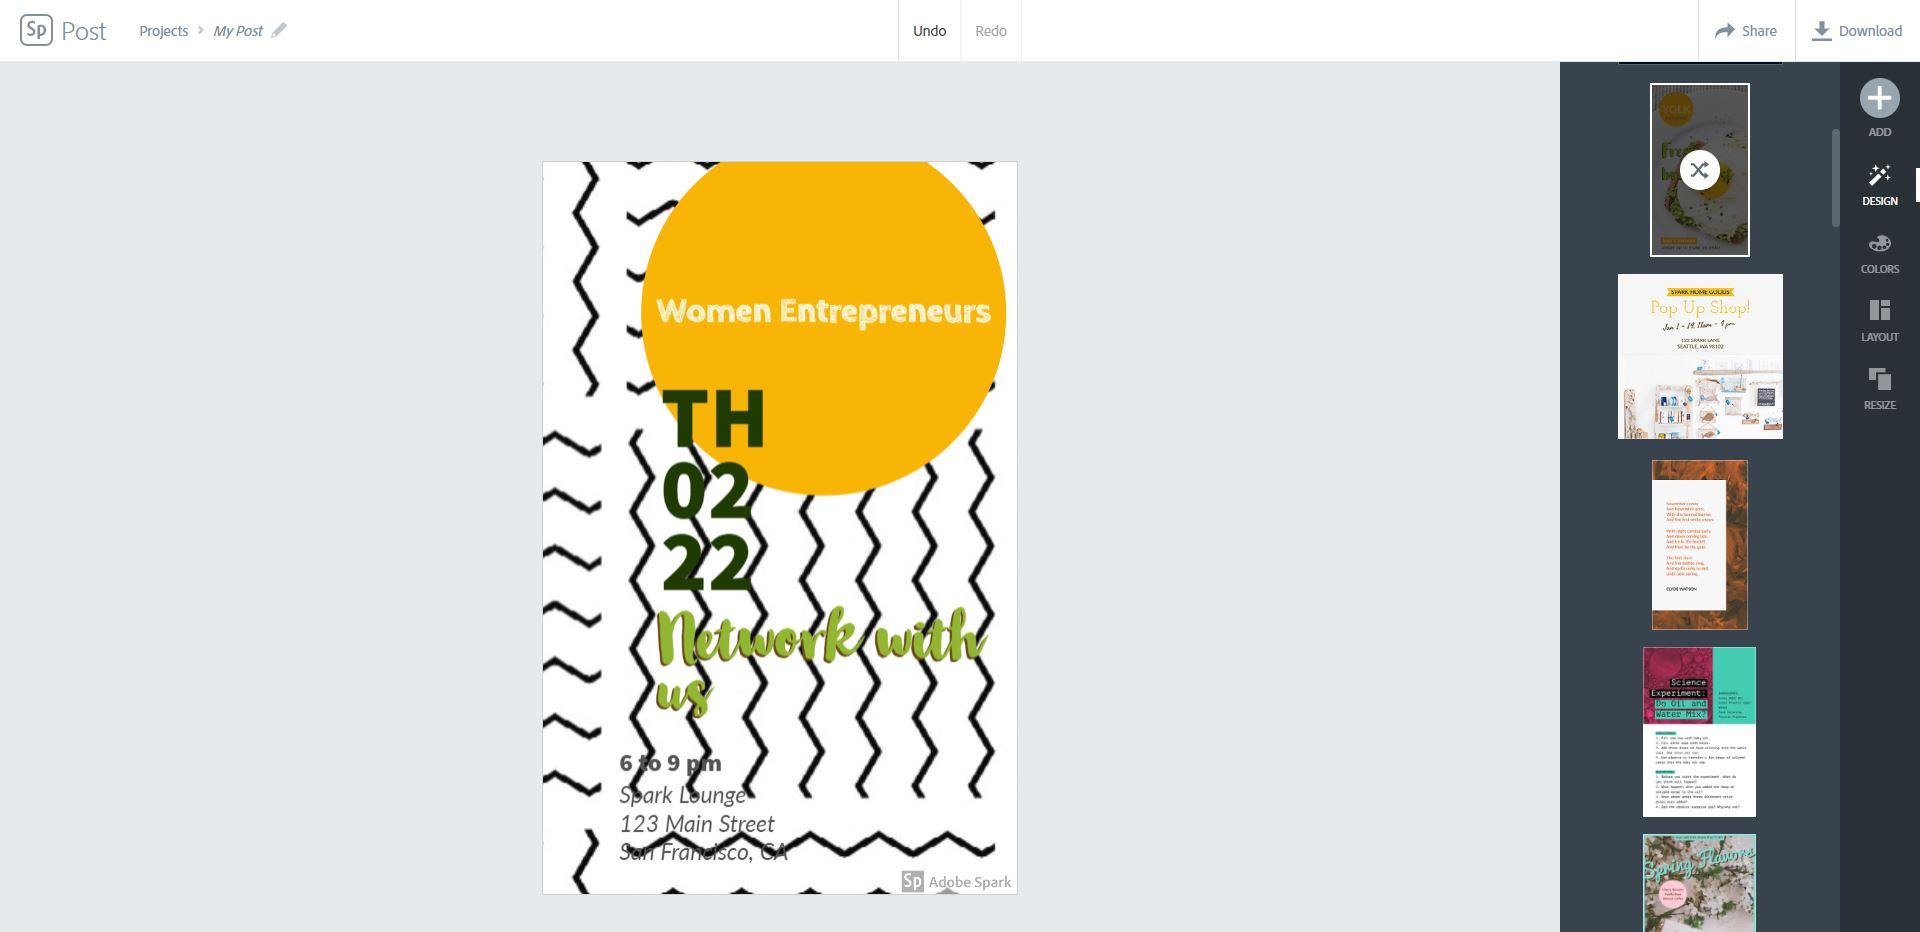 Schermata per creare volantini pubblicitari su Spark